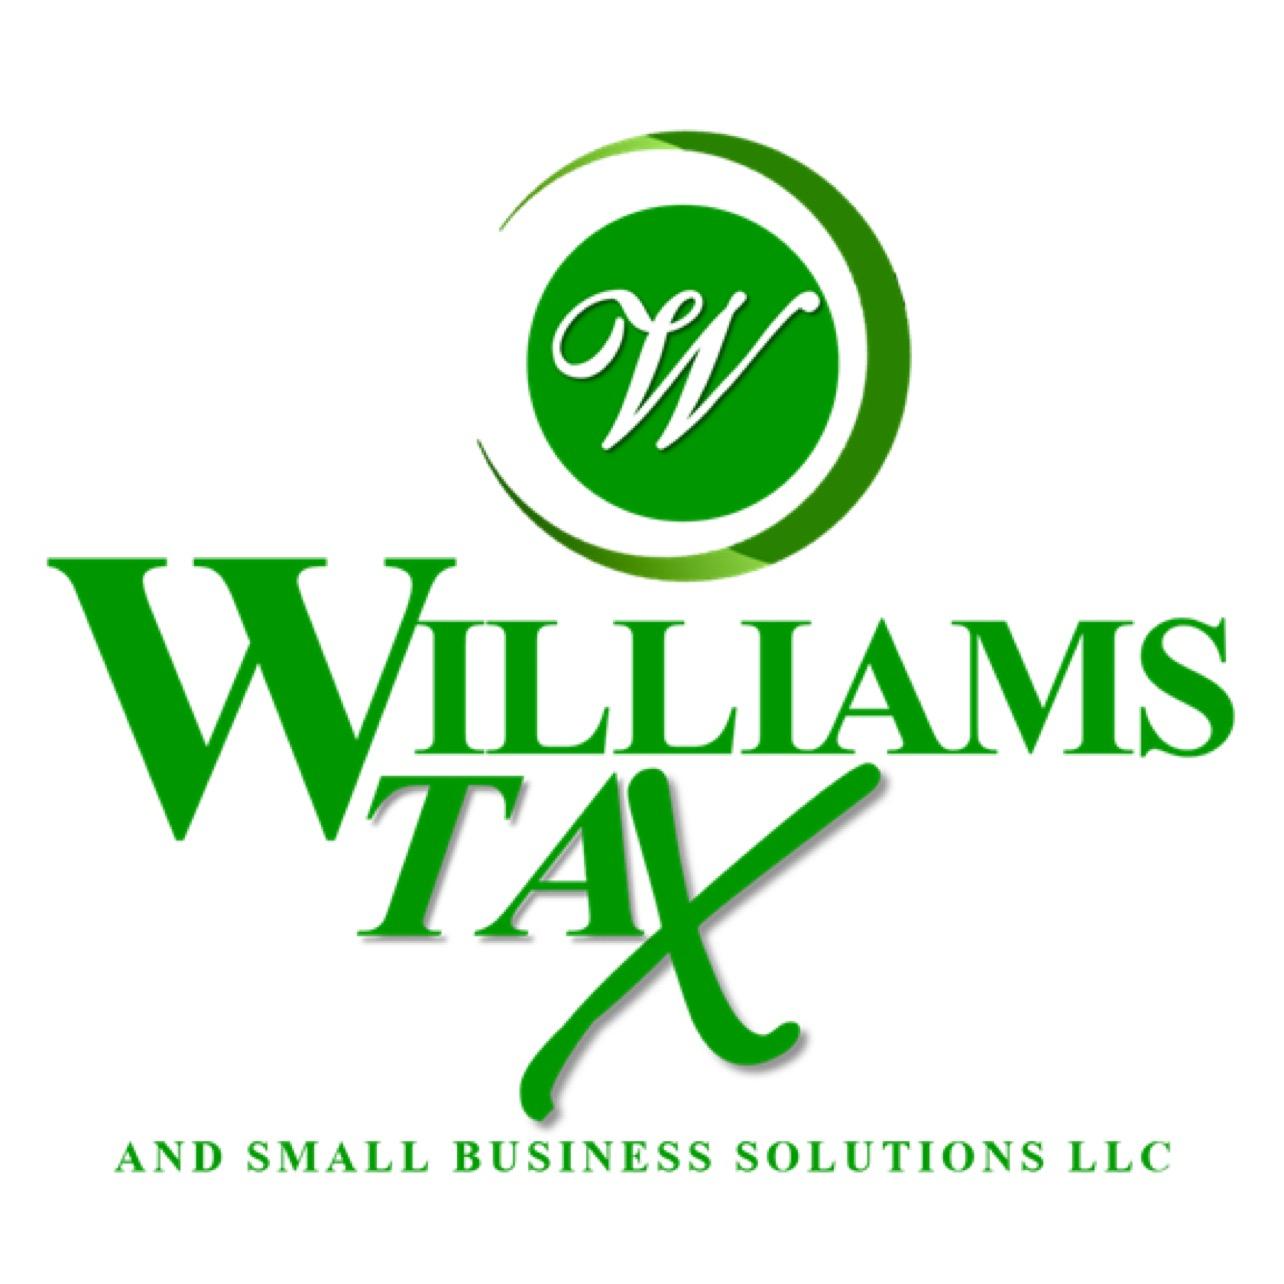 Williams Tax & Small Business Solutions LLC